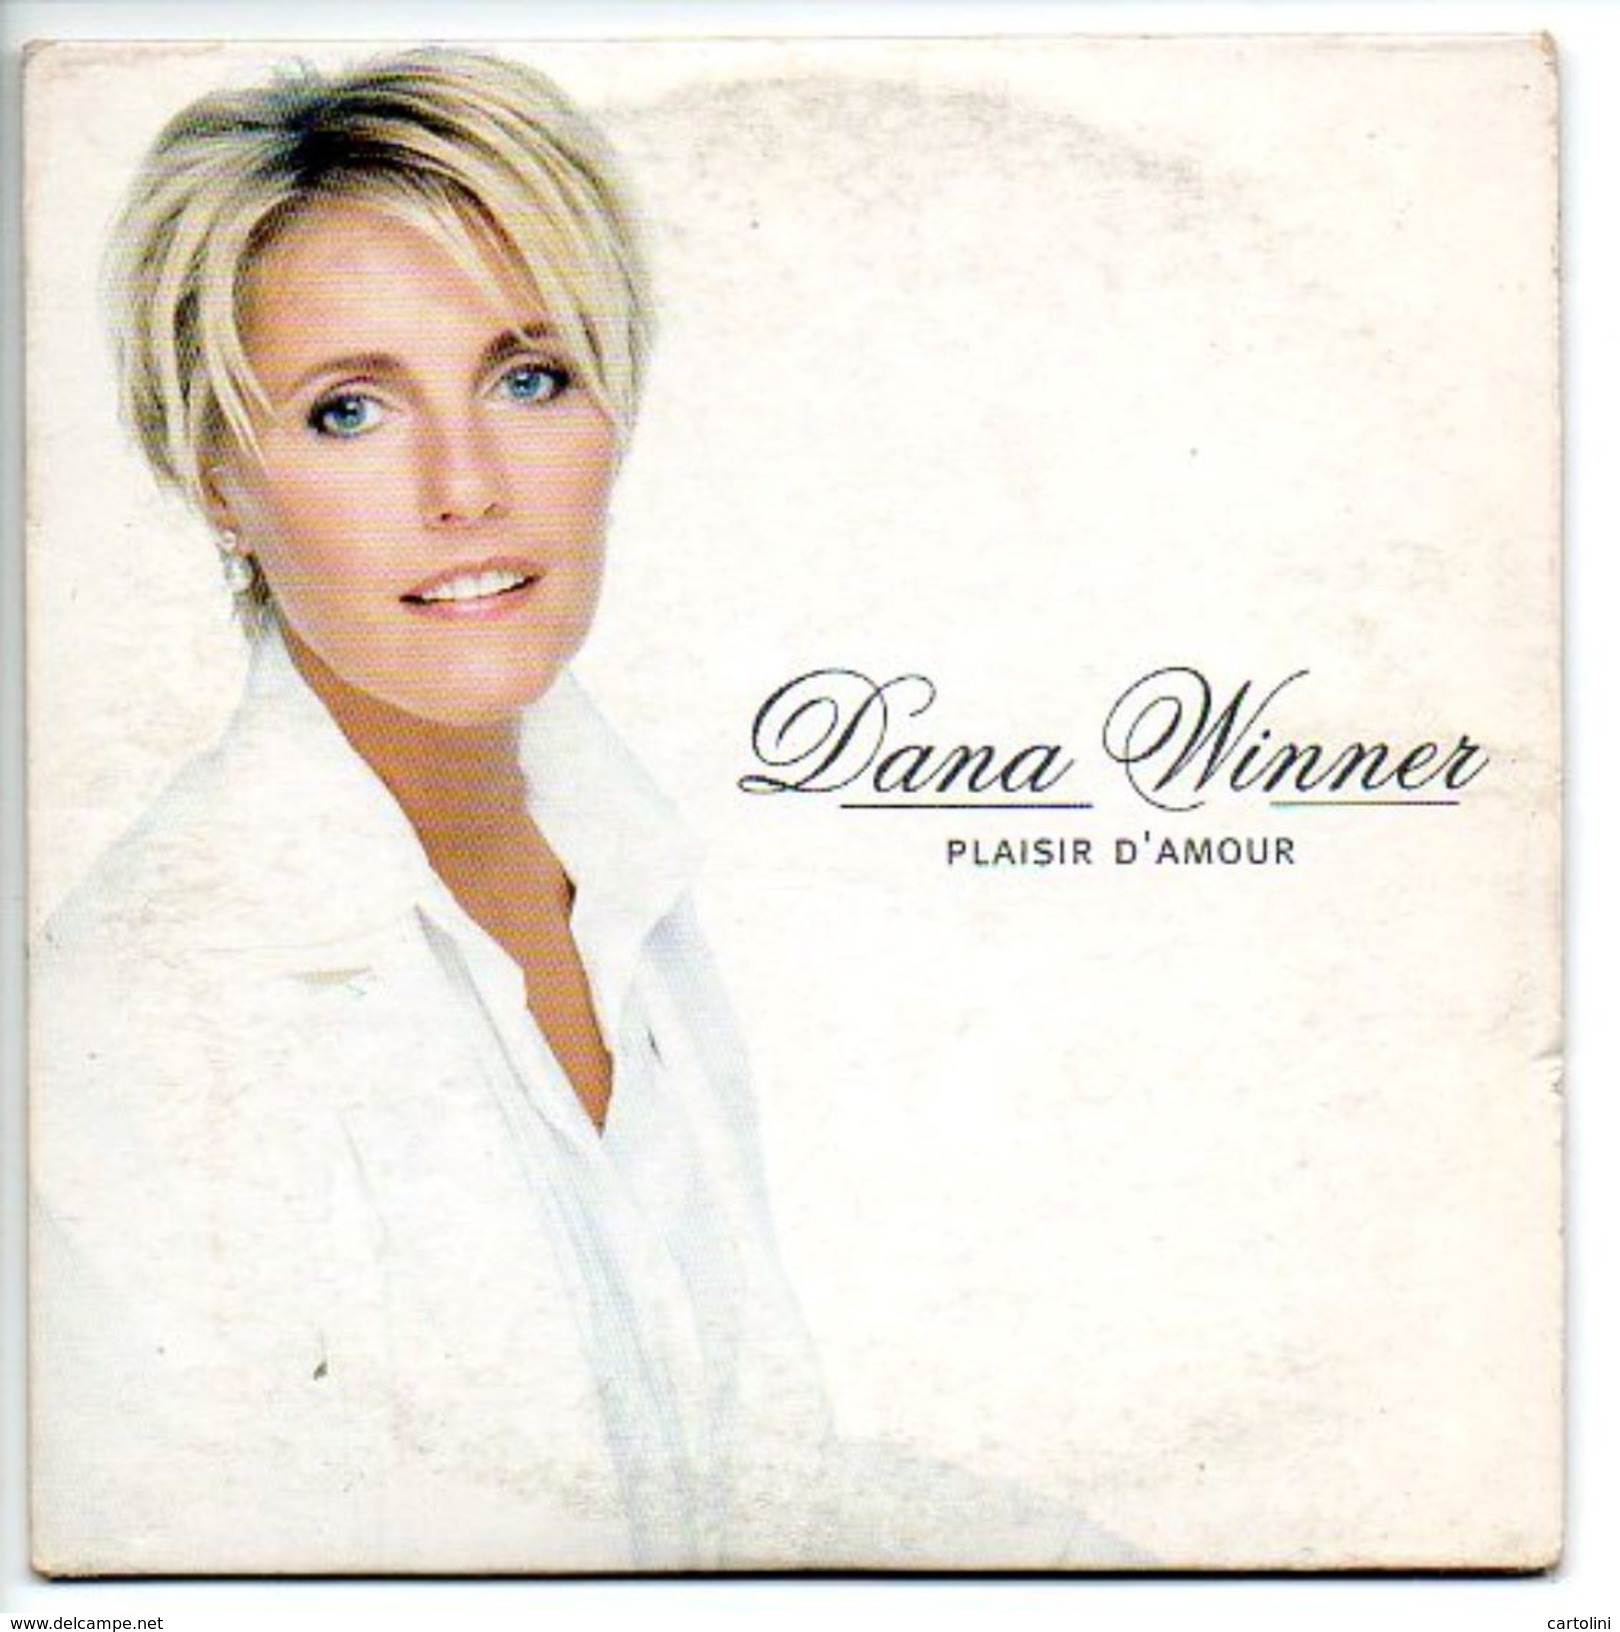 Dana Winner CD  Plaisir D'Amour - Musique & Instruments